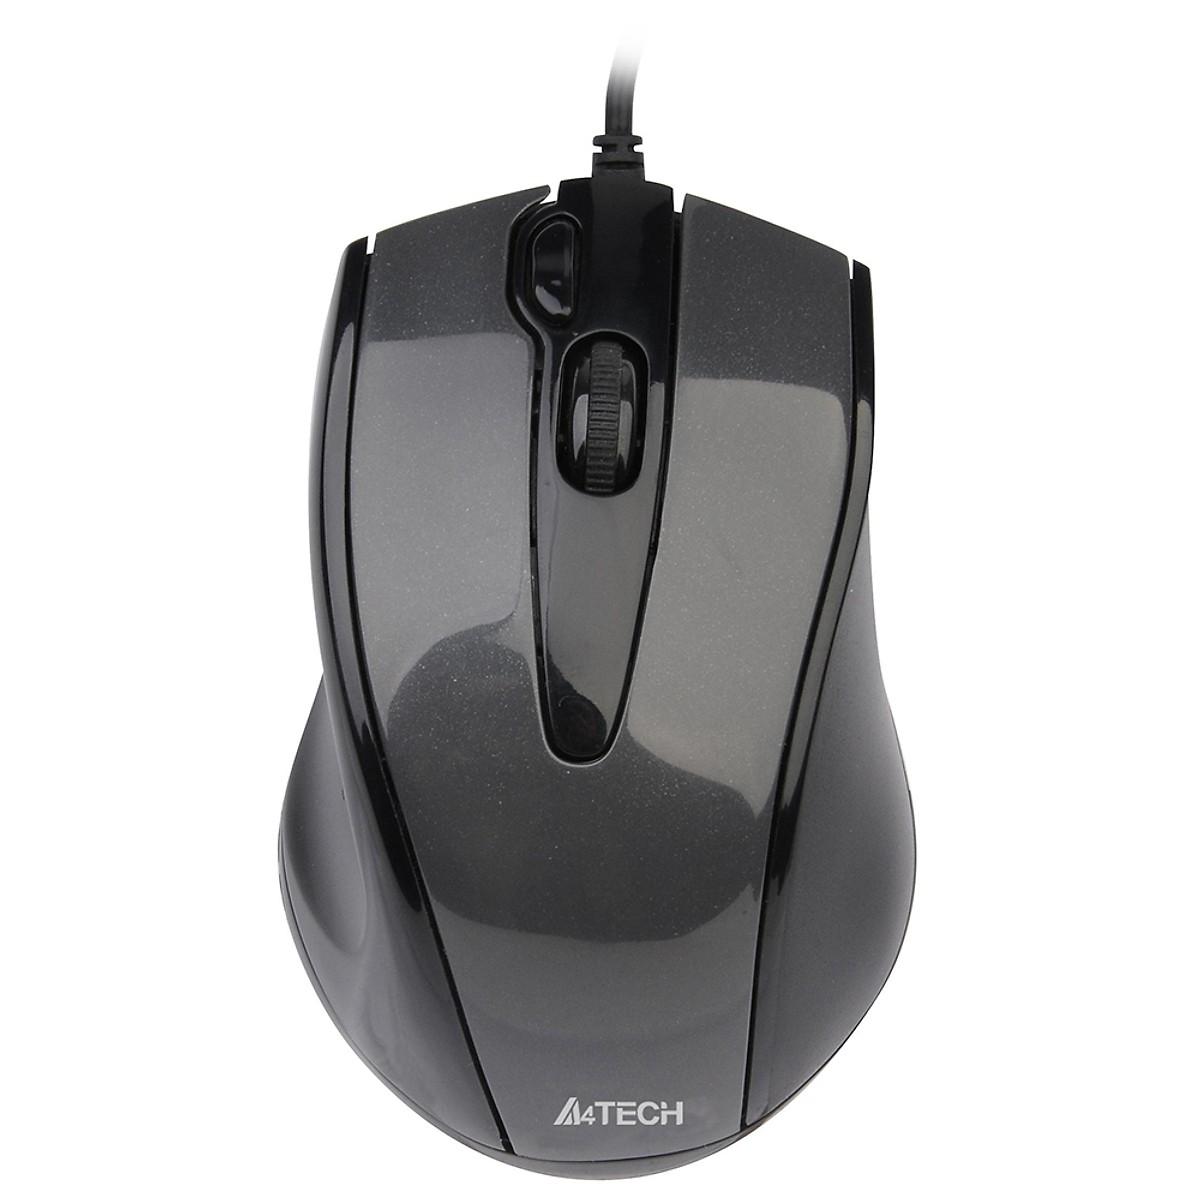 Chuột có dây A4tech V-TRACK N-500F USB